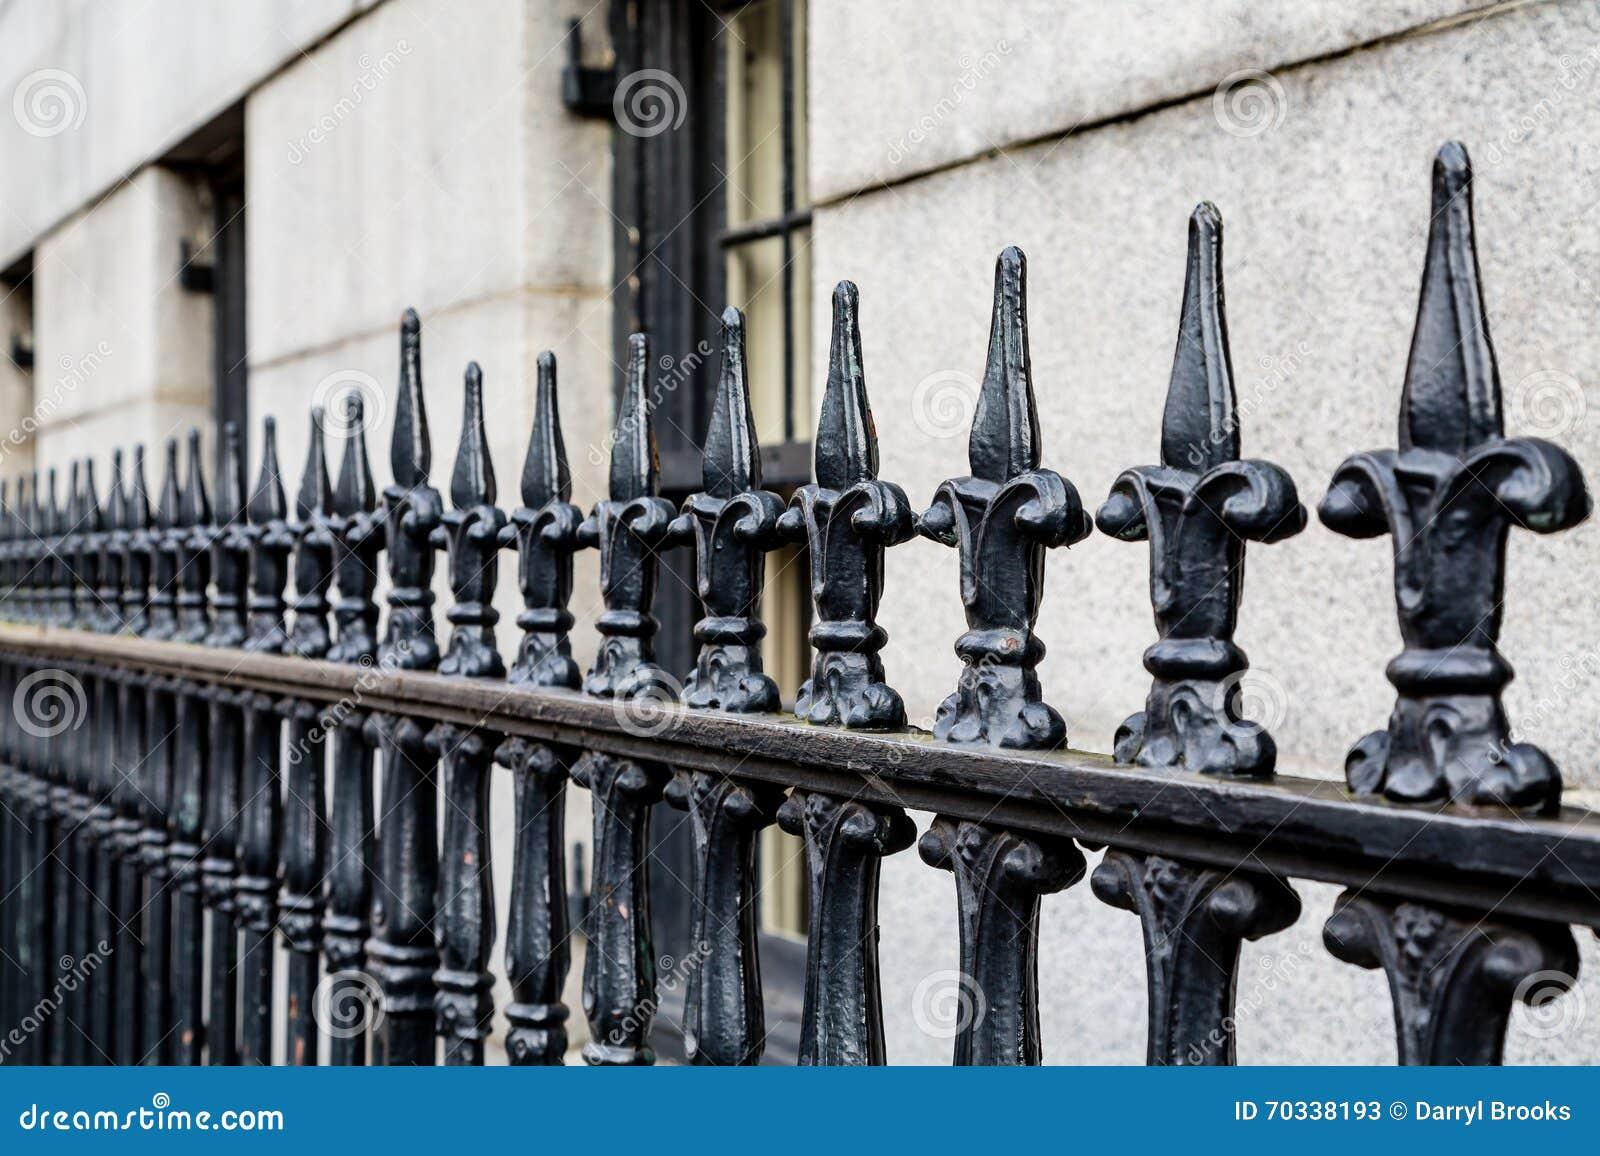 Schmiedeeisen Zaun Along Limestone Building Stockbild Bild